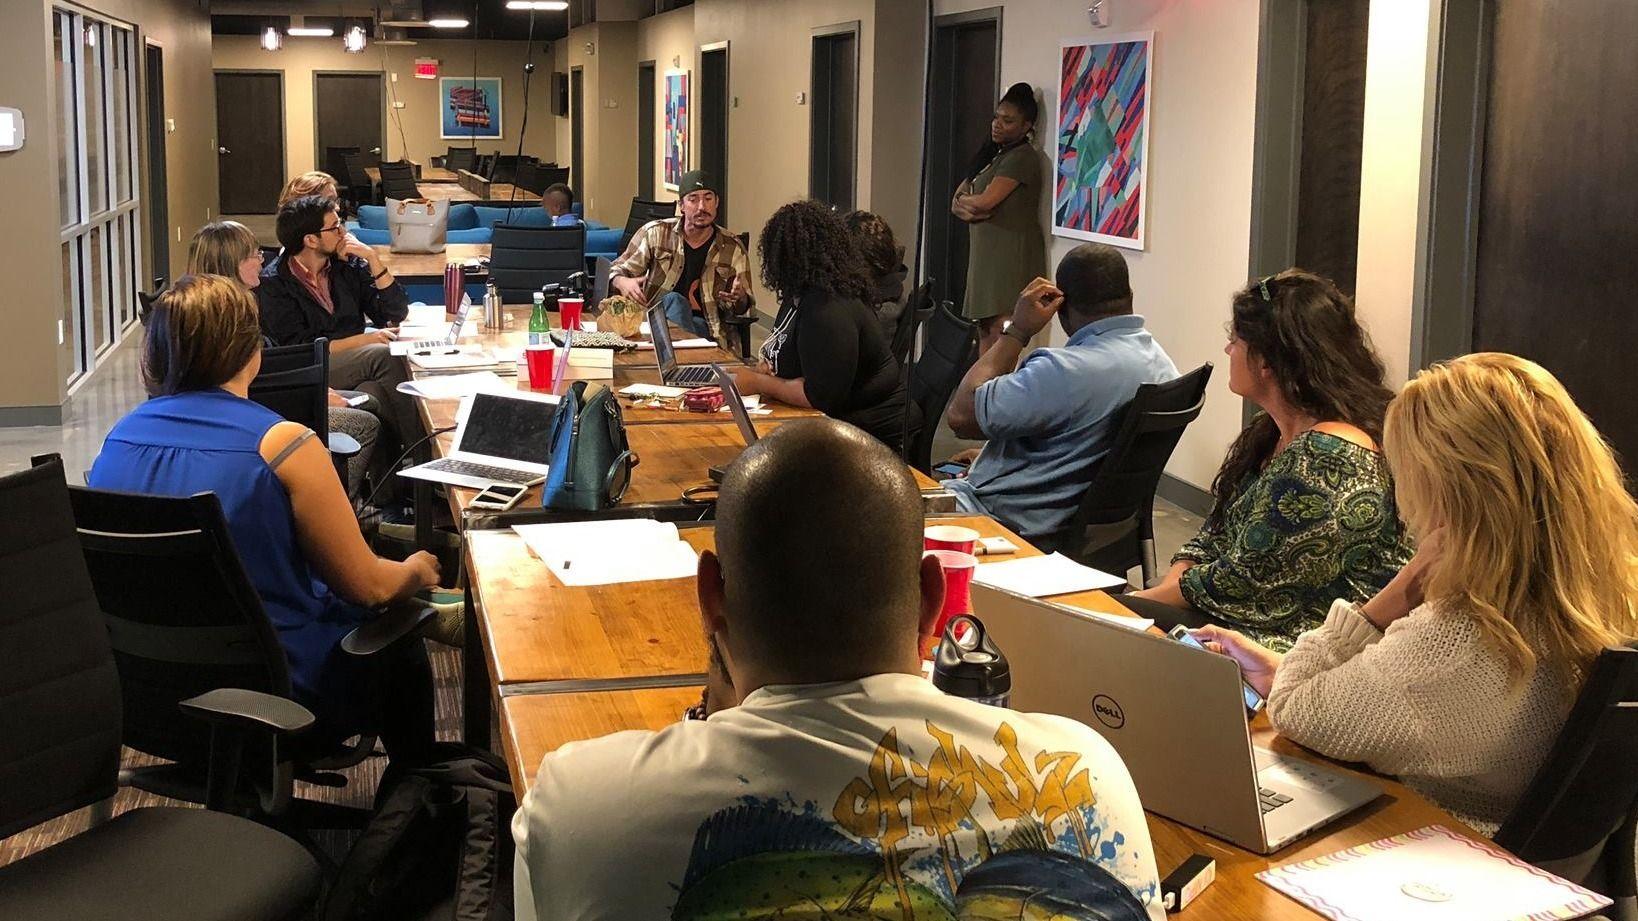 Sarasota WordPress Meetup